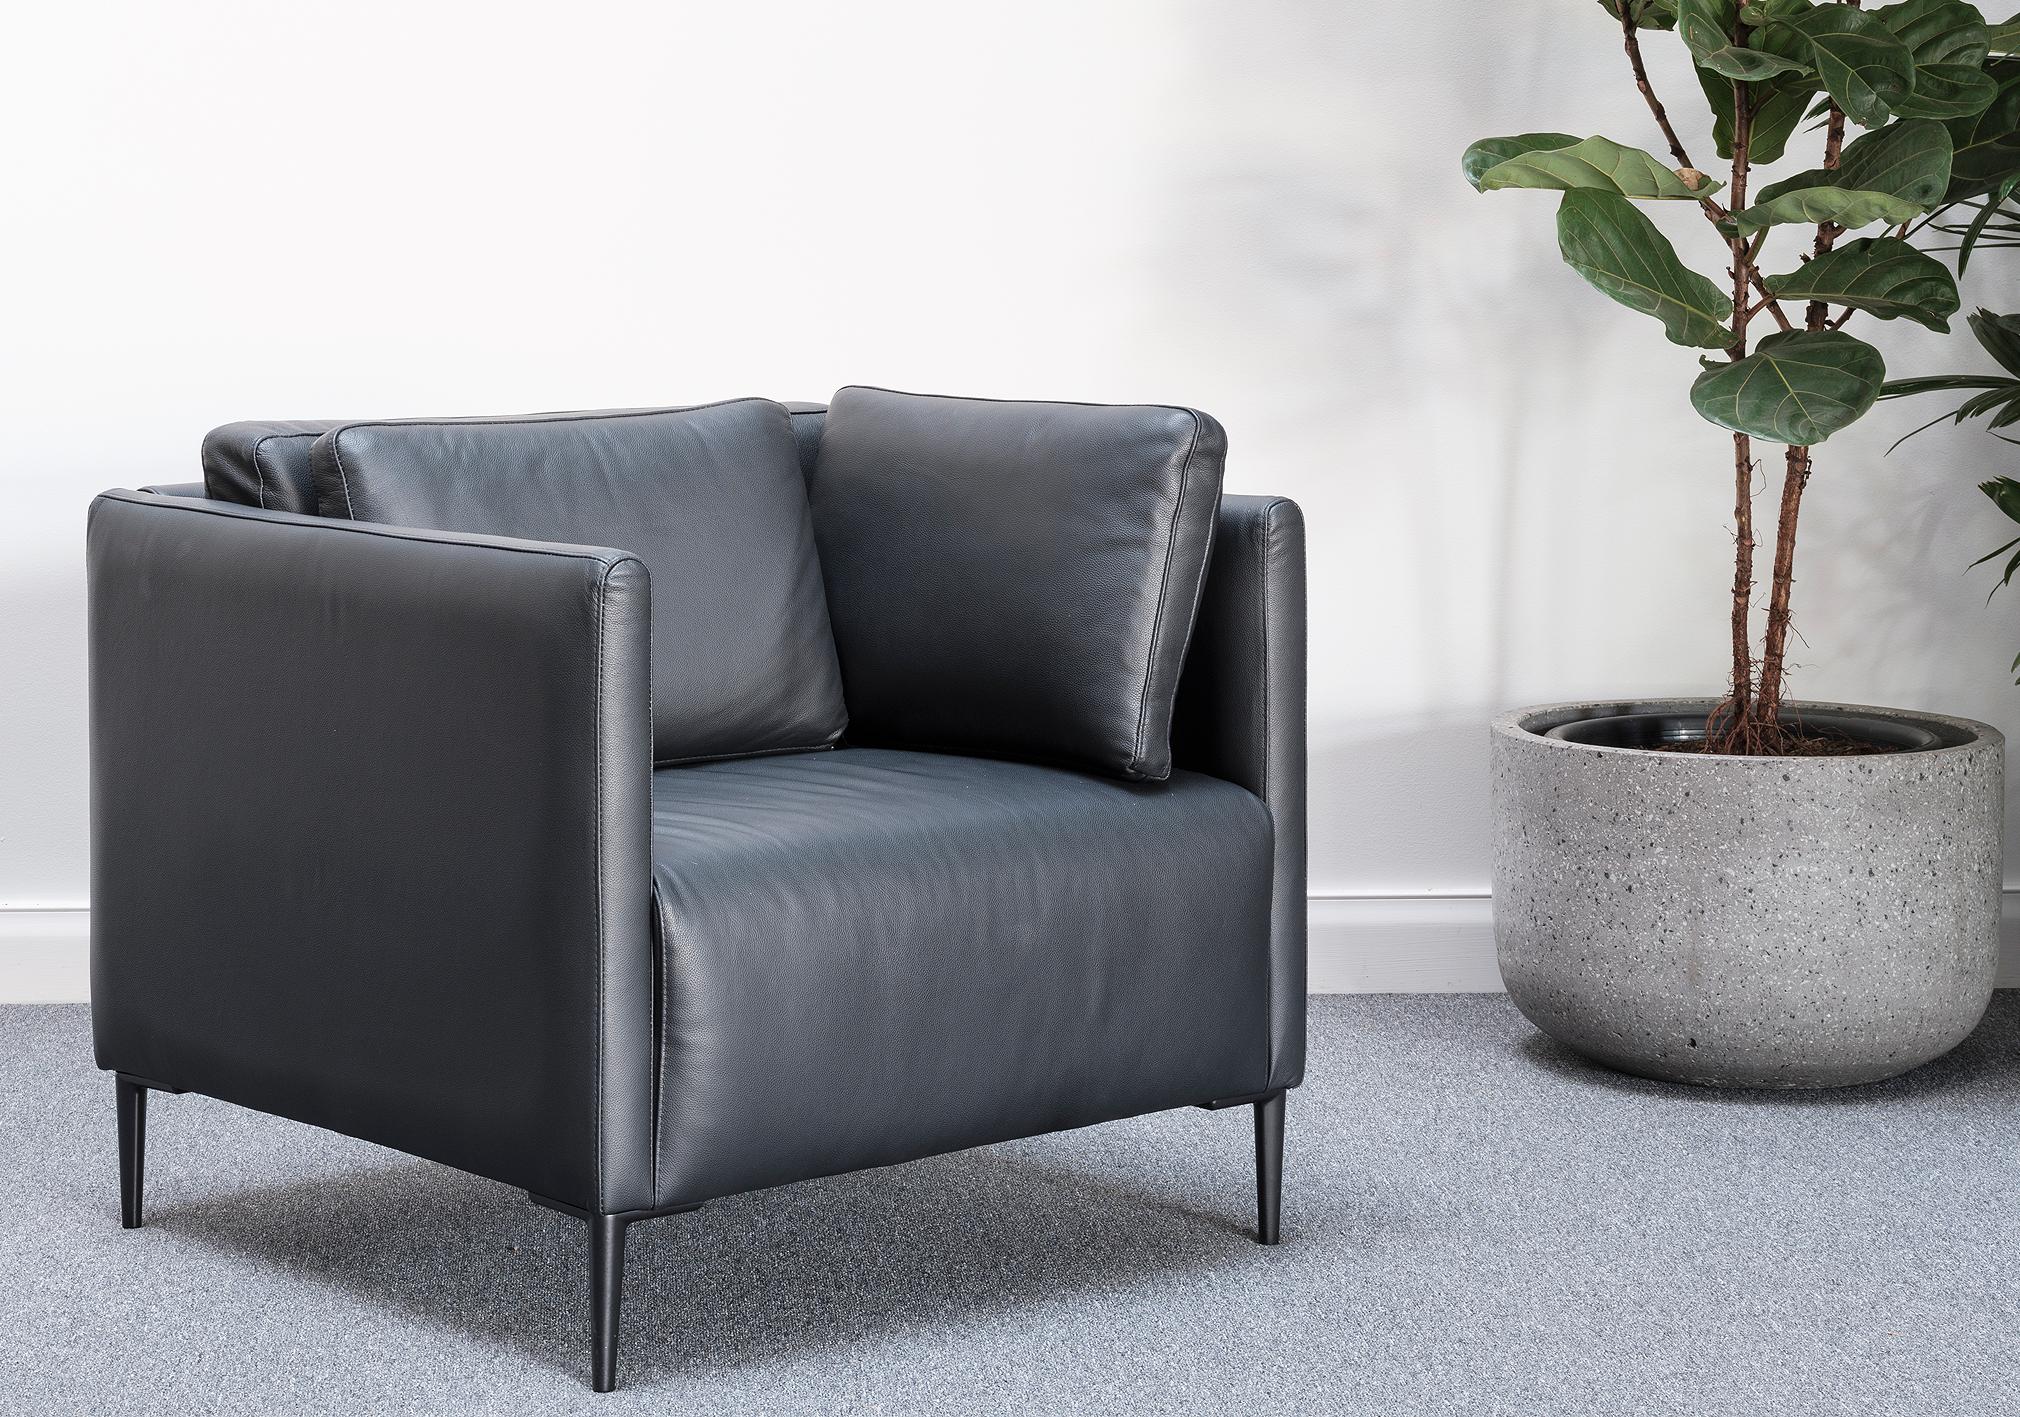 Grigio arm chair – Custom designed / created arm chair